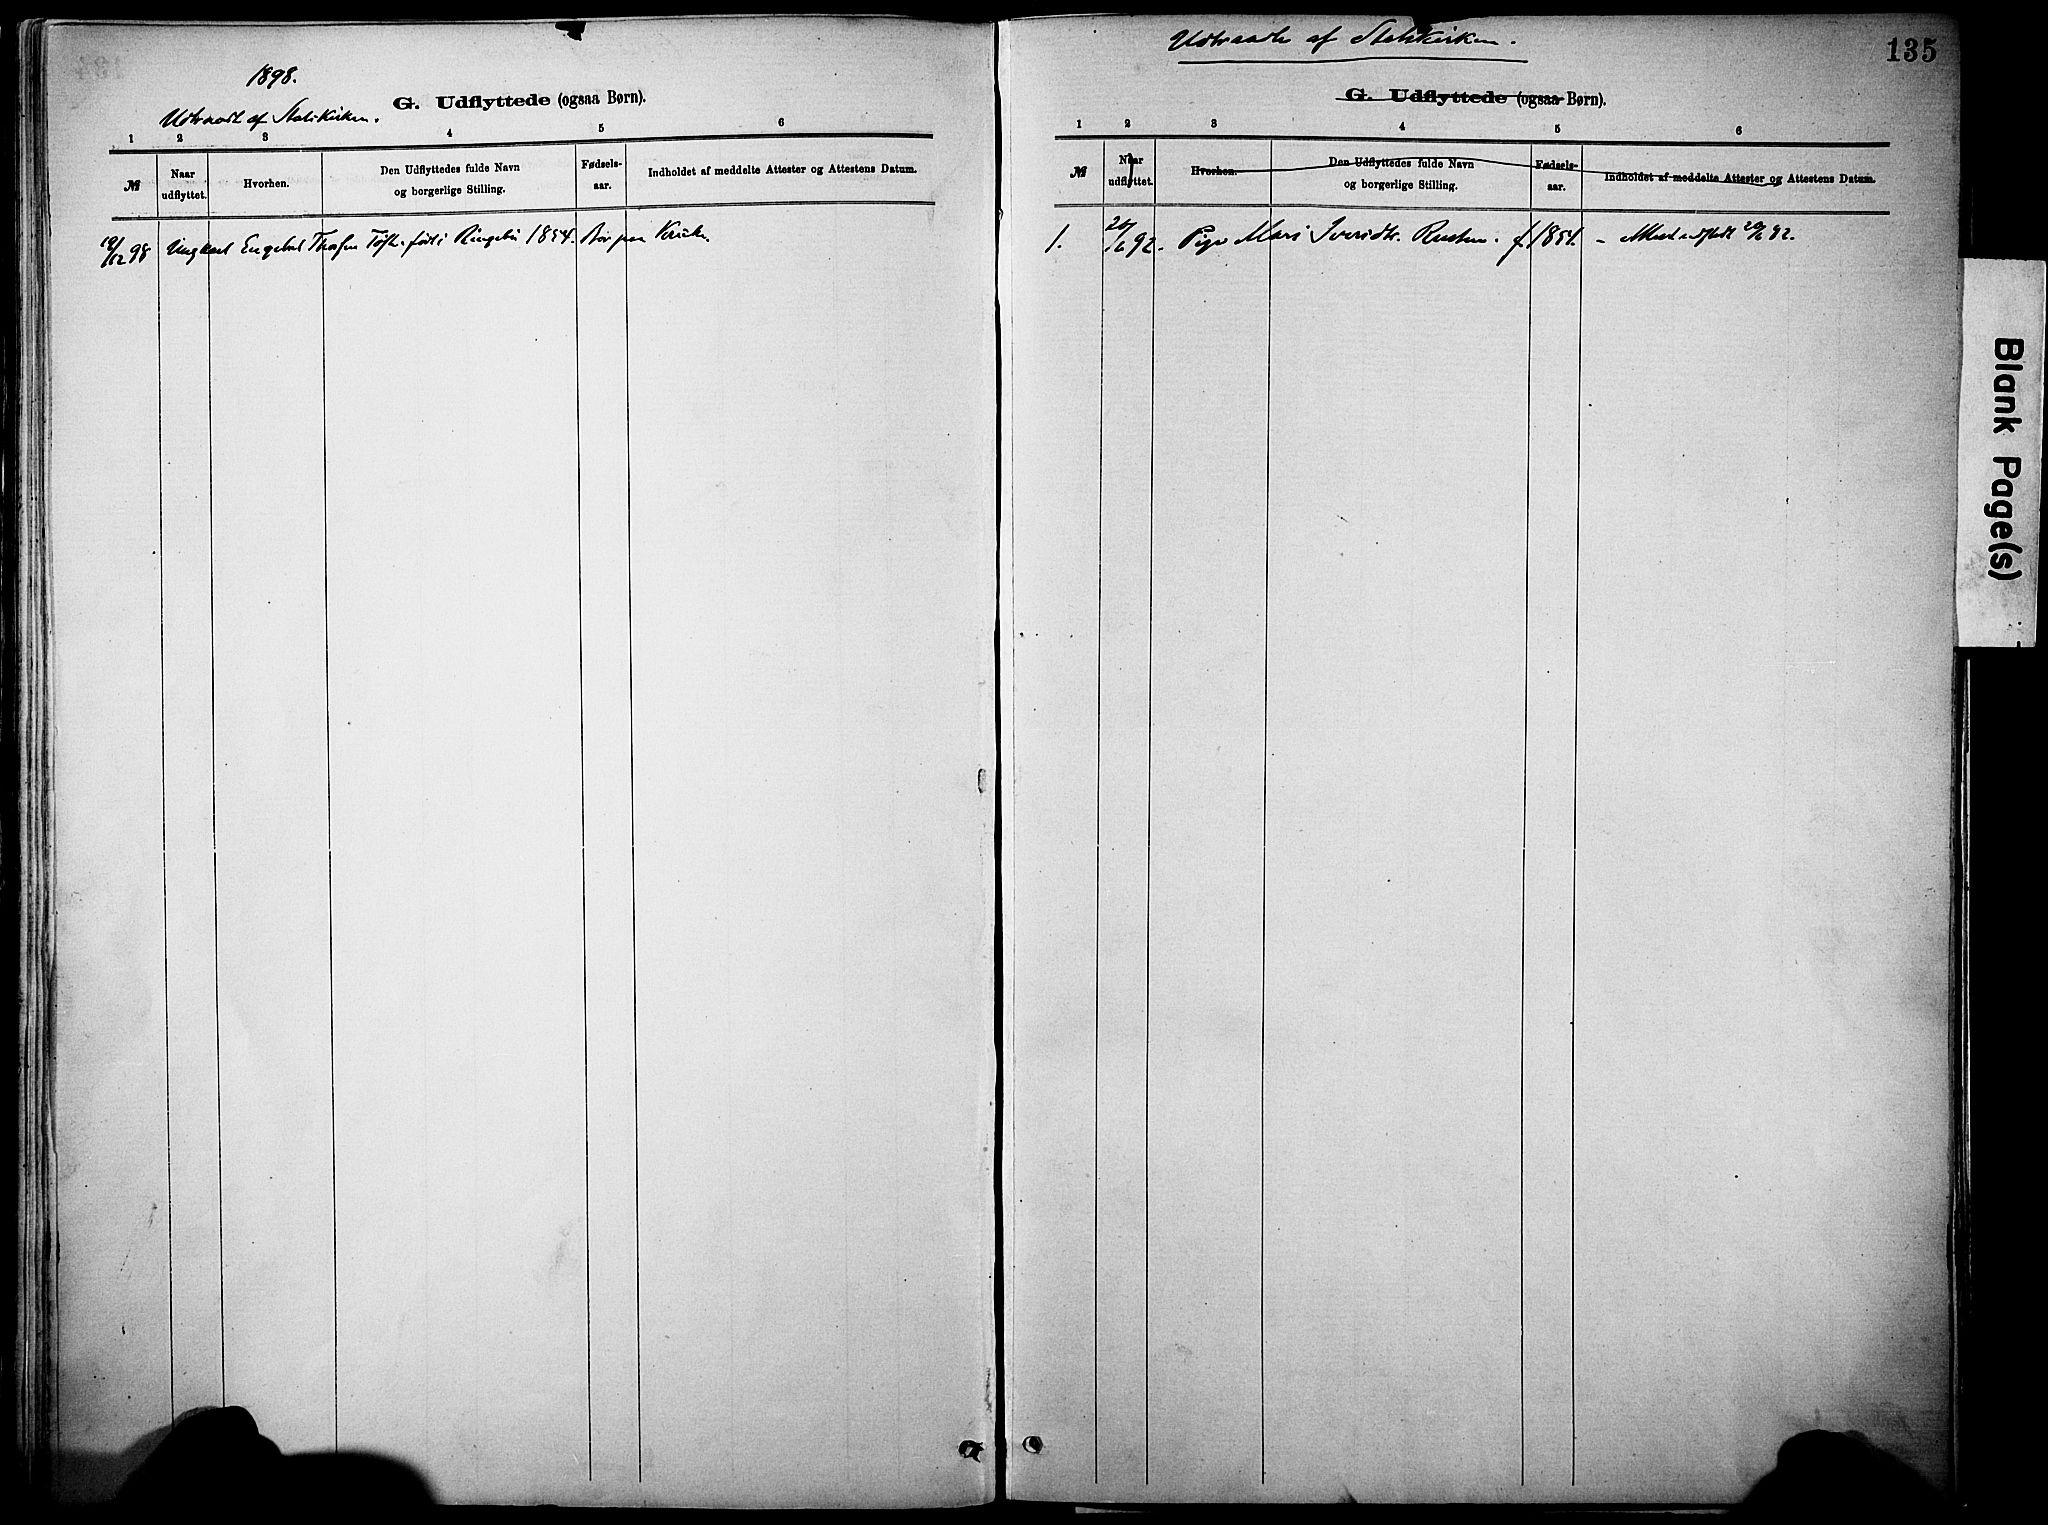 SAH, Vågå prestekontor, Ministerialbok nr. 10, 1887-1904, s. 135a